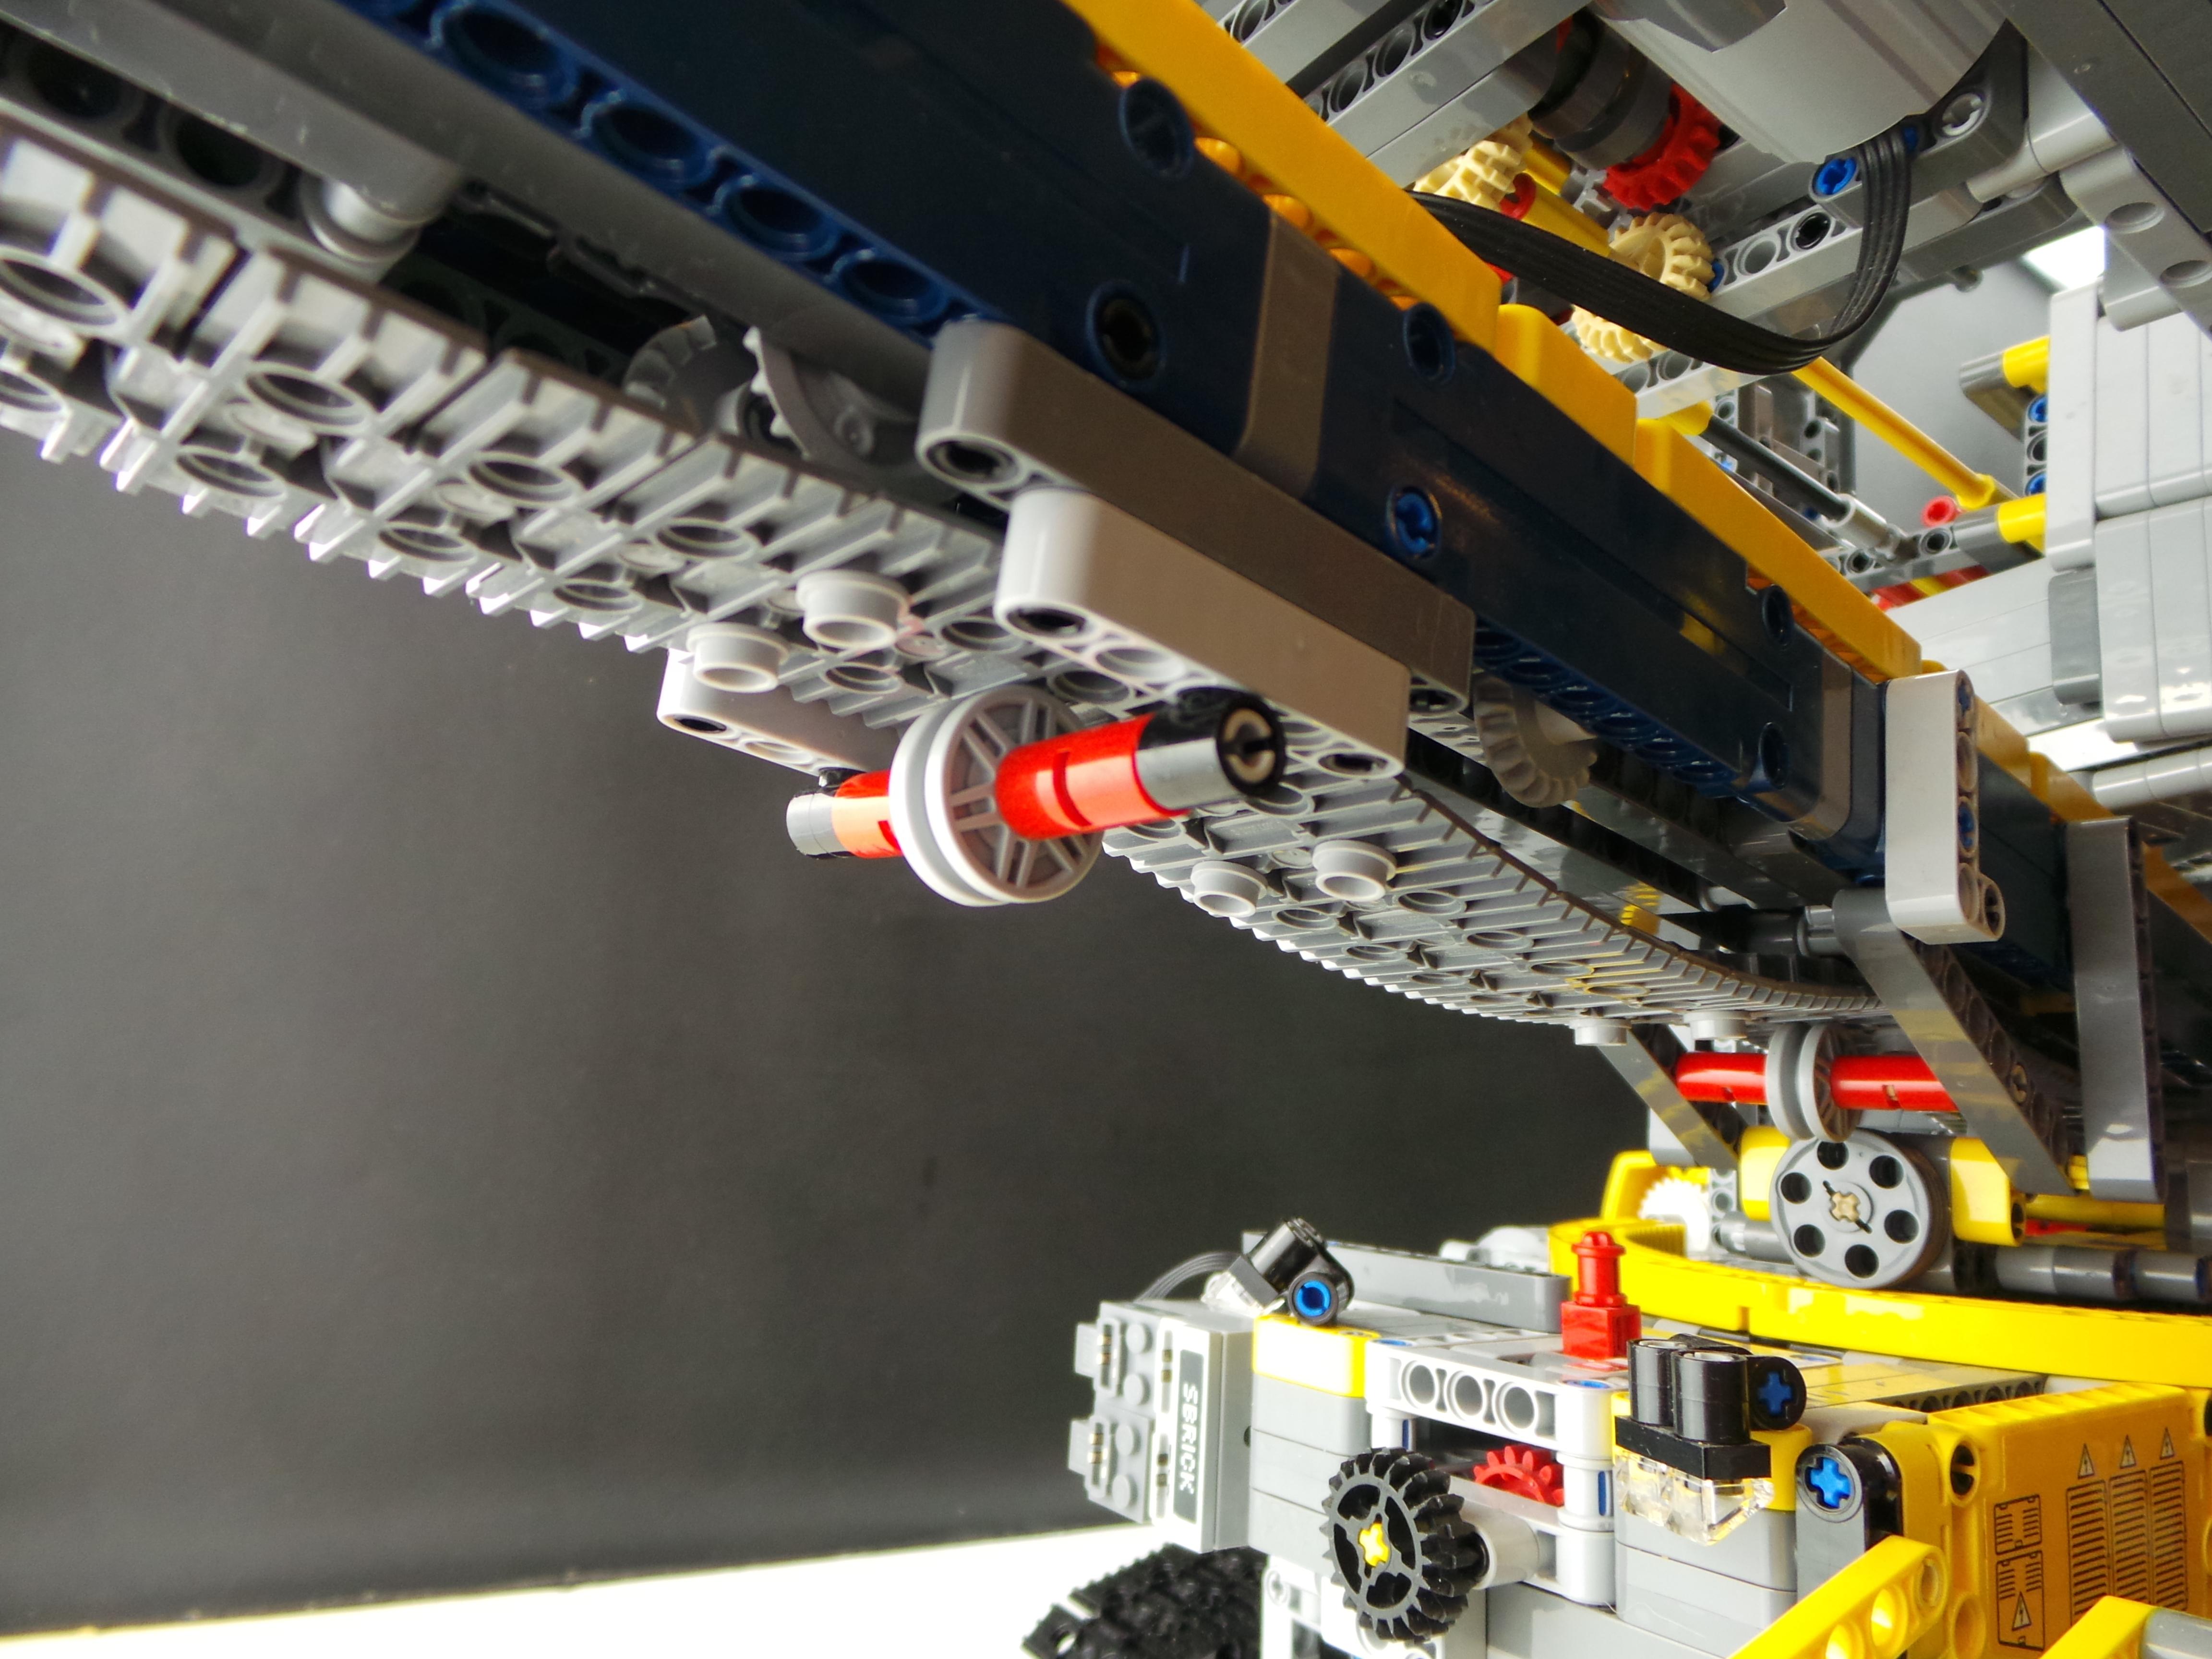 Lego Technic Bucket Wheel Excavator MOD 2 Outfeed Conveyor